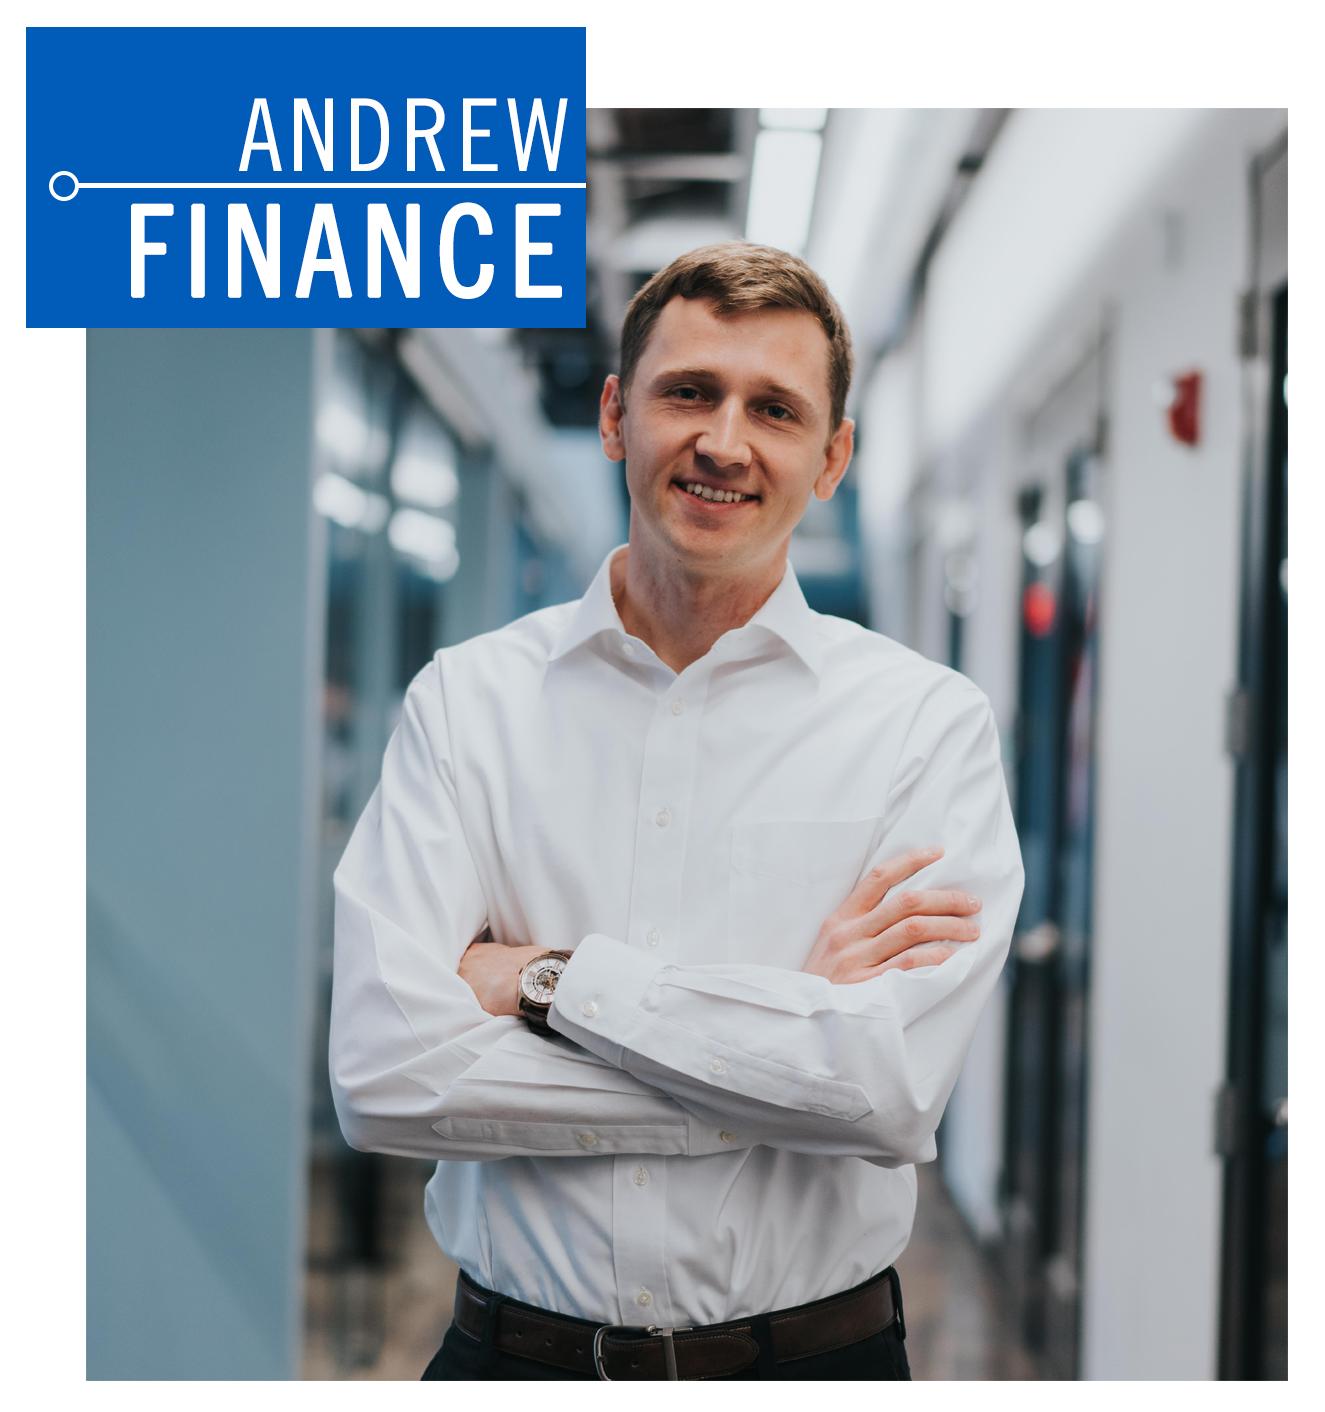 Andrew Finance advisor.png